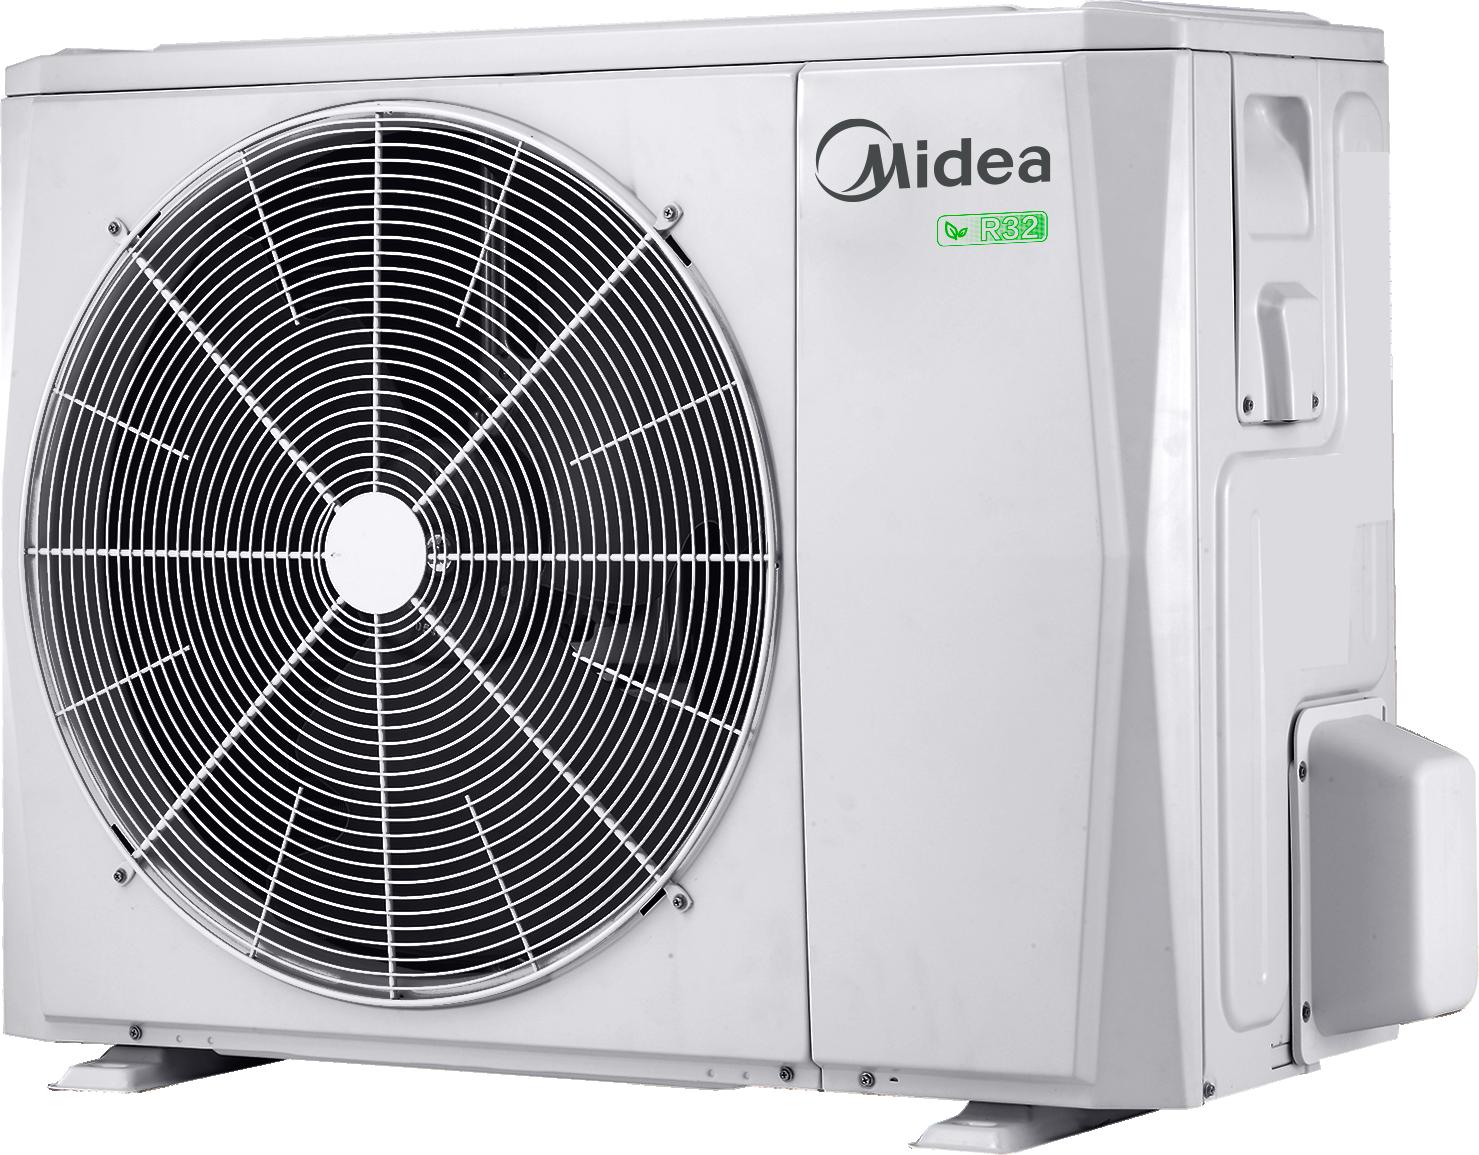 Nueva gama de soluciones de aerotermia Midea